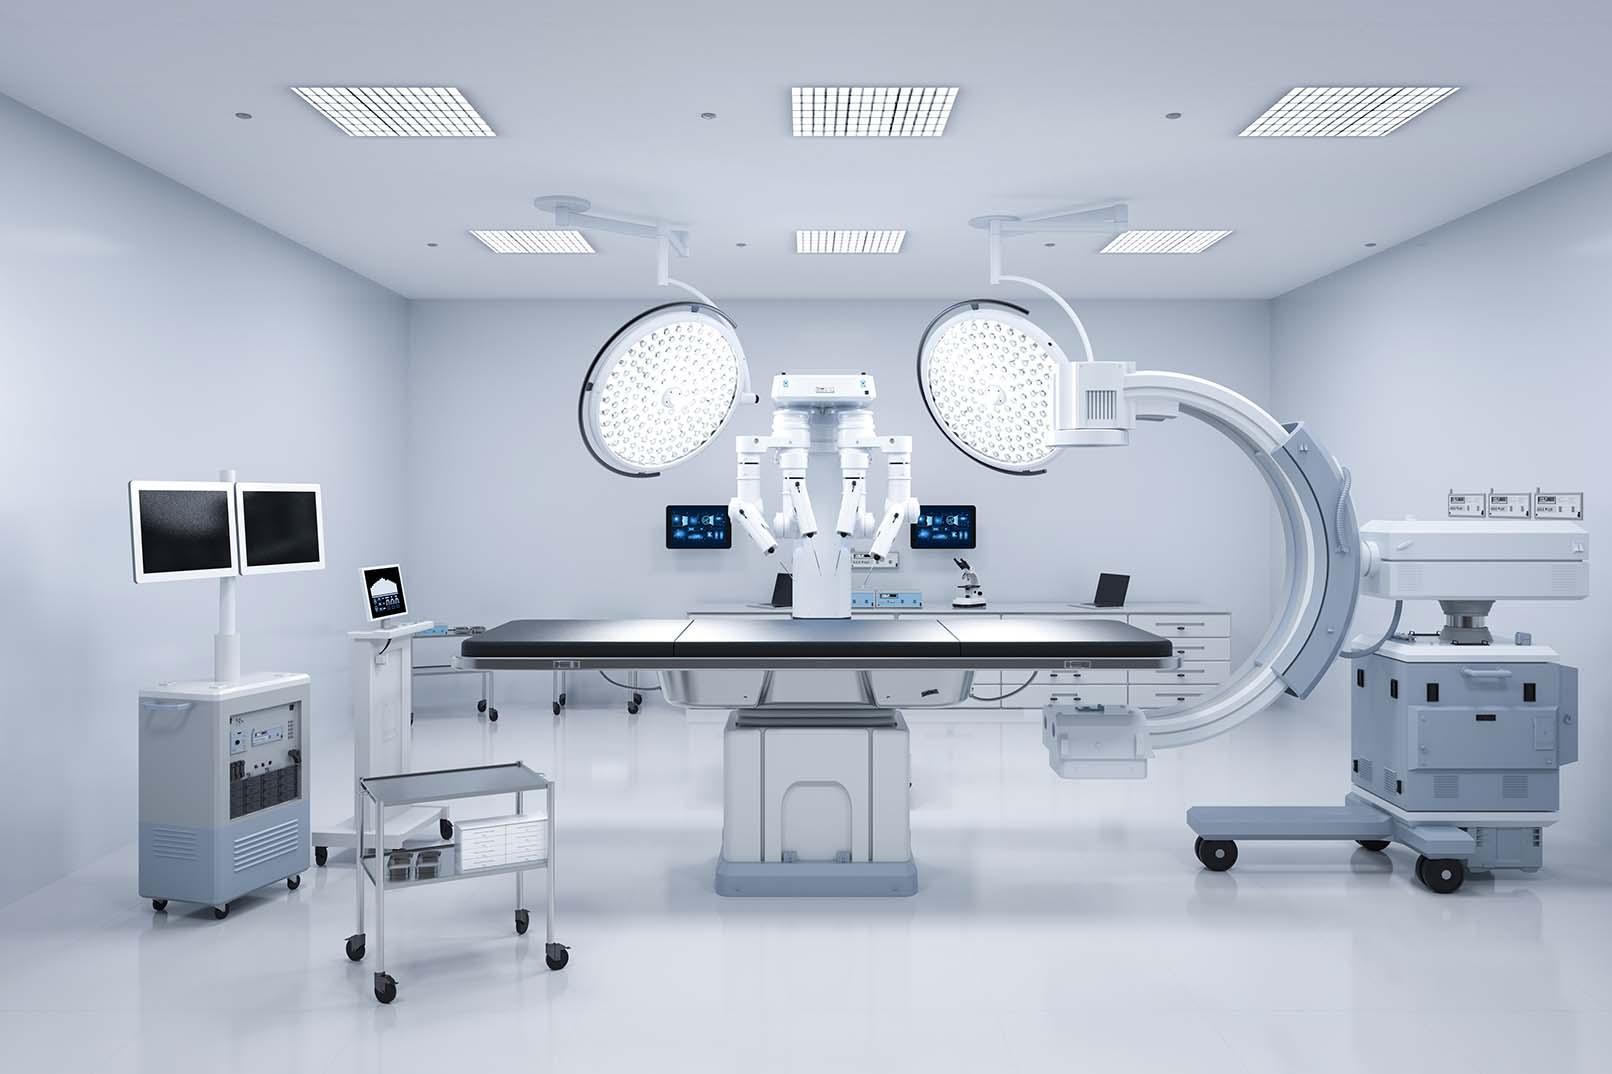 Conduzida por profissionais da saúde, a cirurgia robótica é realizada com a assistência de um robô e vem sendo validada como padrão de tratamento em muitas especialidades, como urologia.